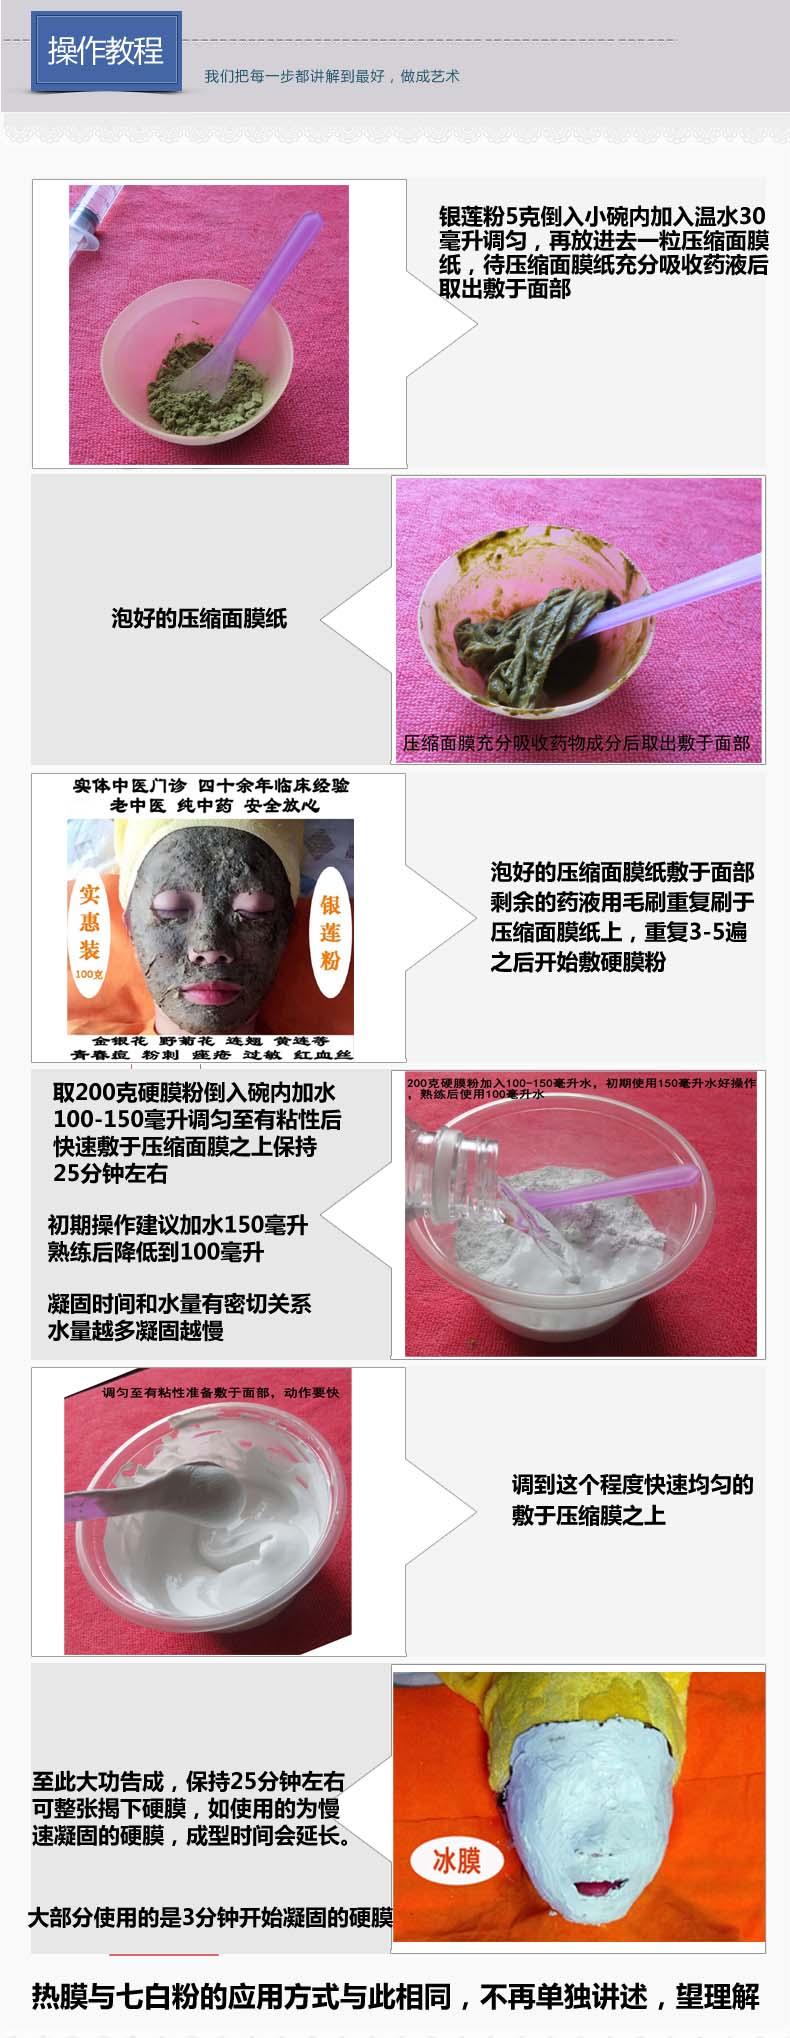 治疗青春痘痤疮粉刺专用石膏面膜粉_硬膜粉_热膜粉